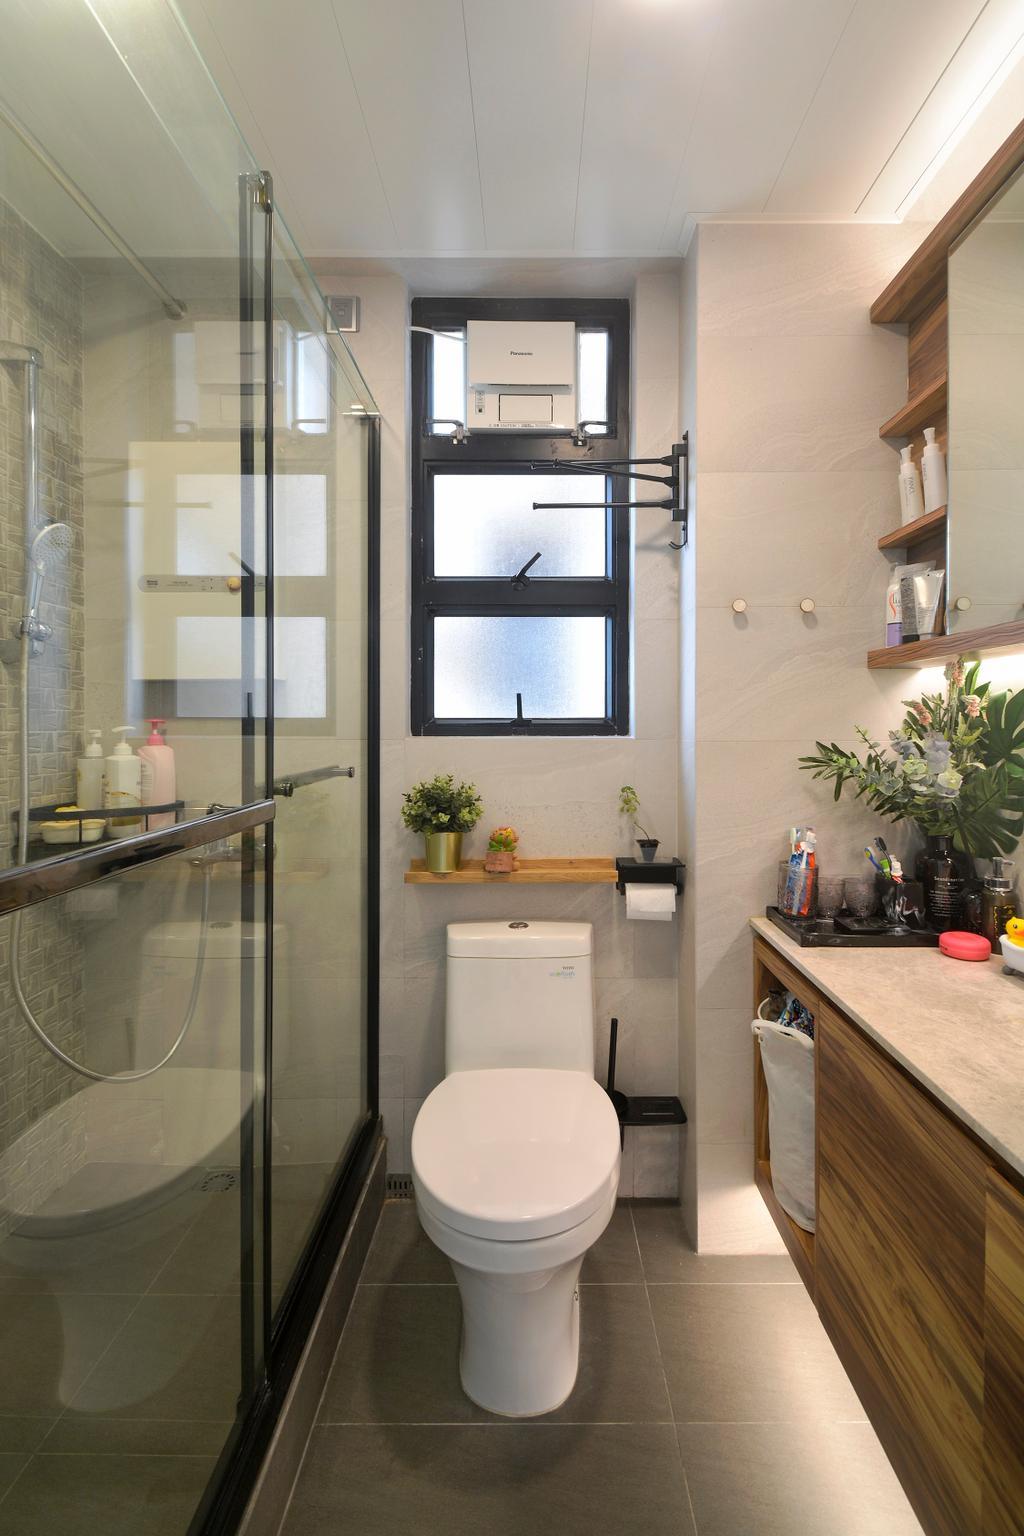 摩登, 私家樓, 浴室, 加惠台, 室內設計師, Space Design